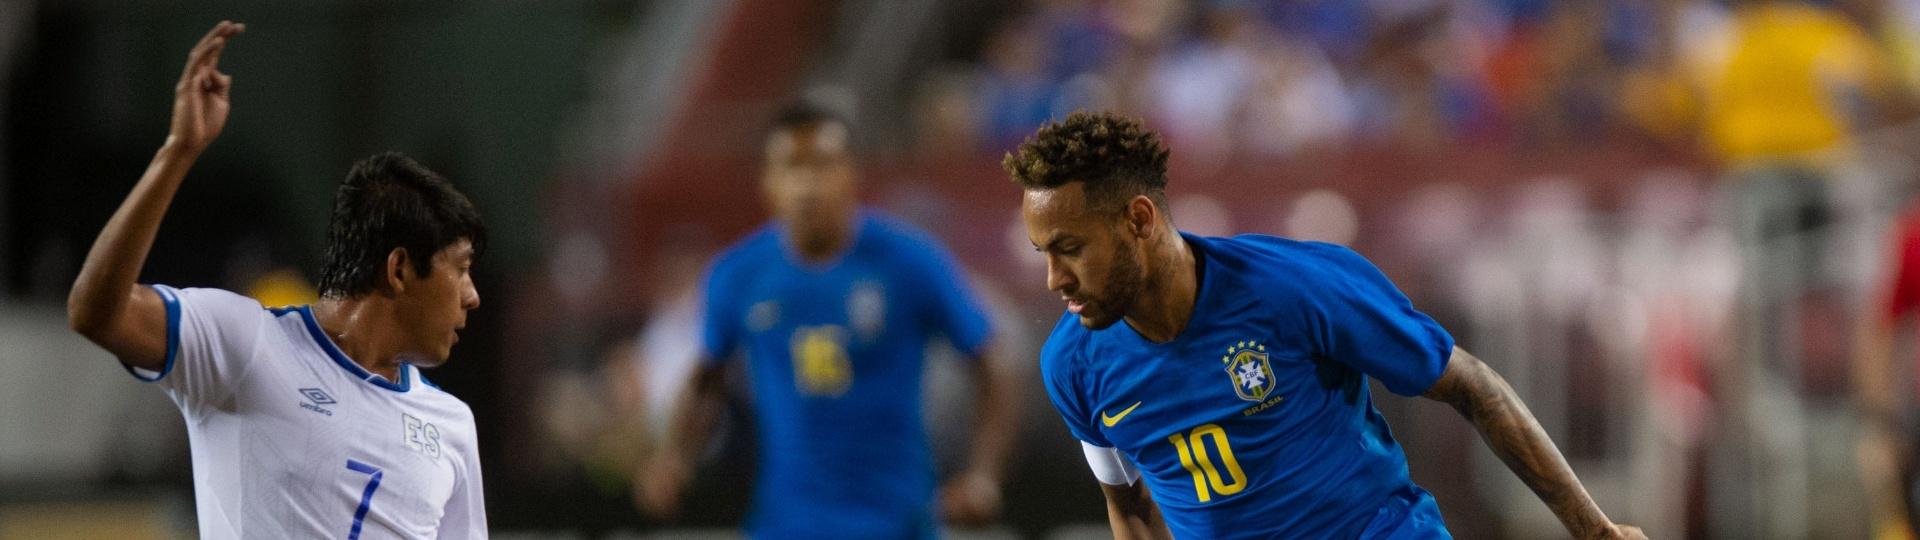 Neymar encara marcação durante amistoso da seleção brasileira contra El Salvador